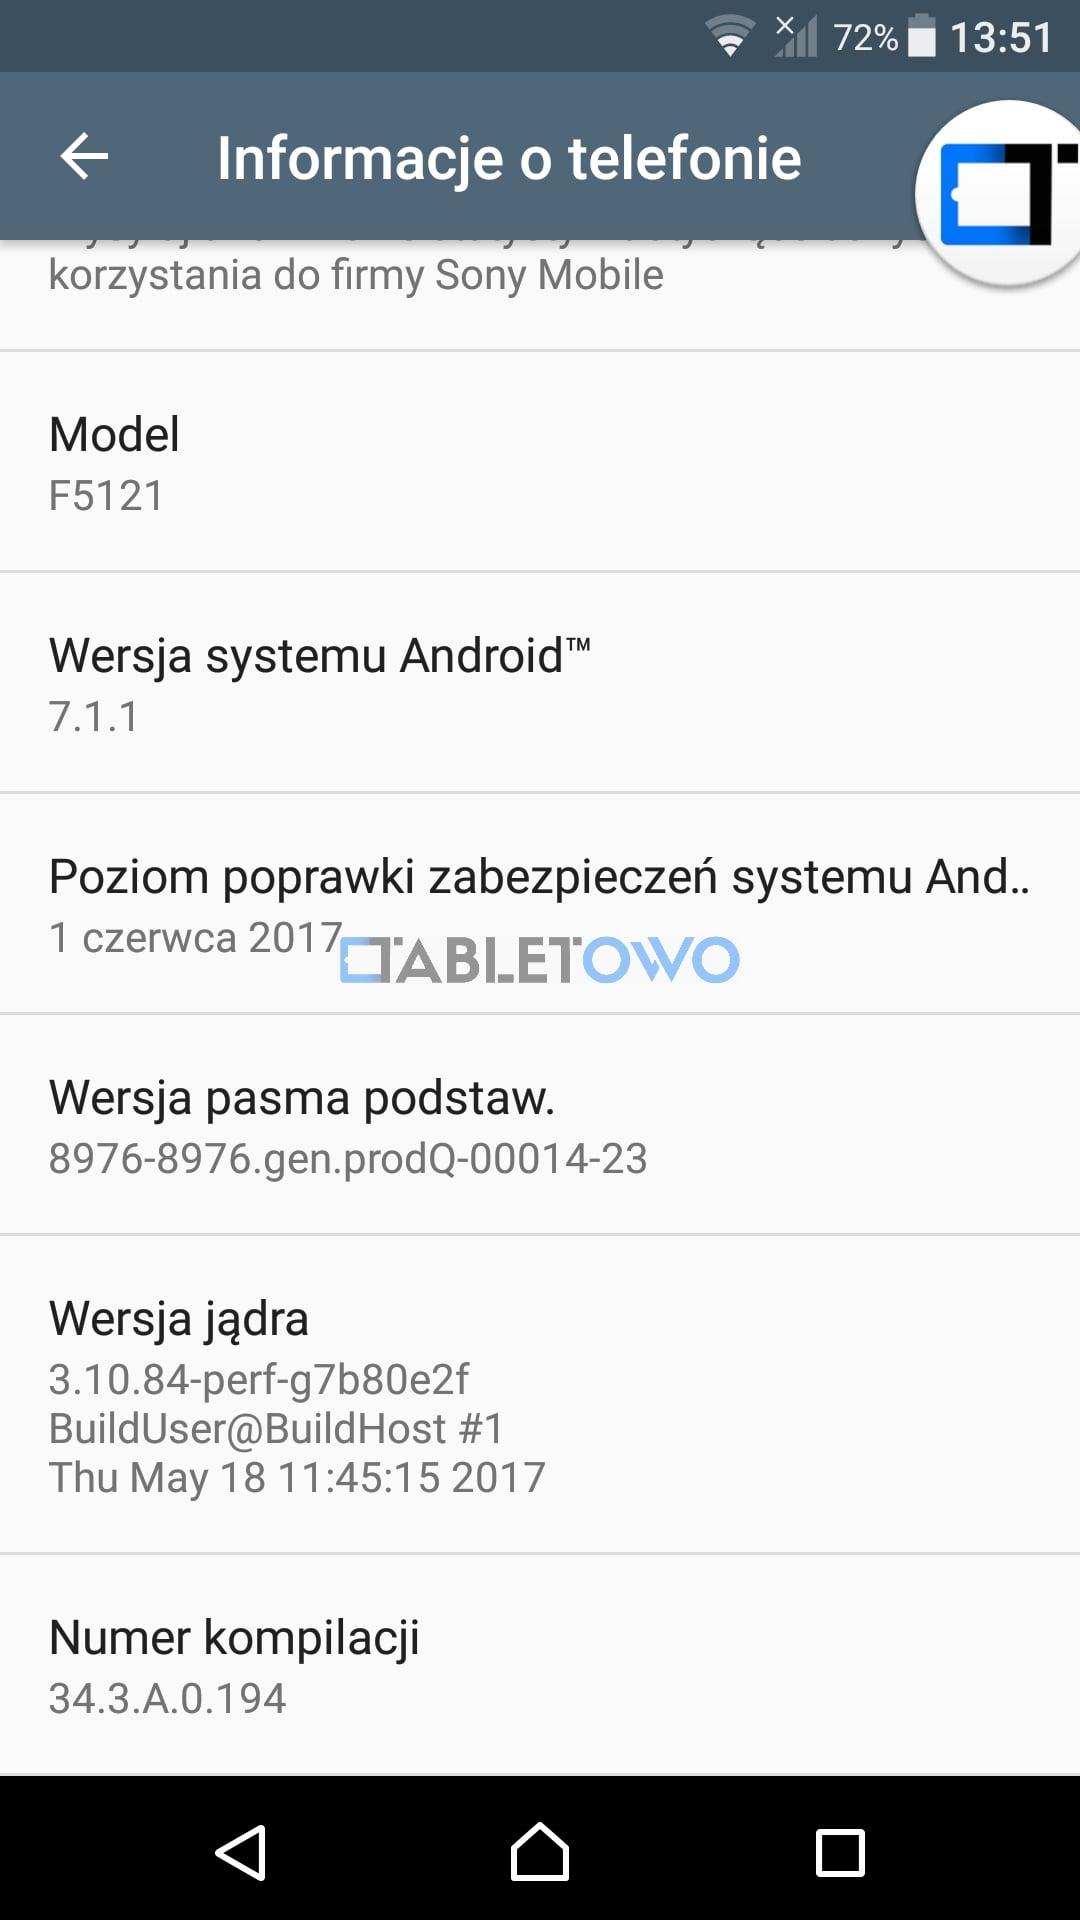 Tabletowo.pl Sony Xperia X z T-Mobile dostała właśnie aktualizację do Androida 7.1.1 Nougat Aktualizacje Android Smartfony Sony